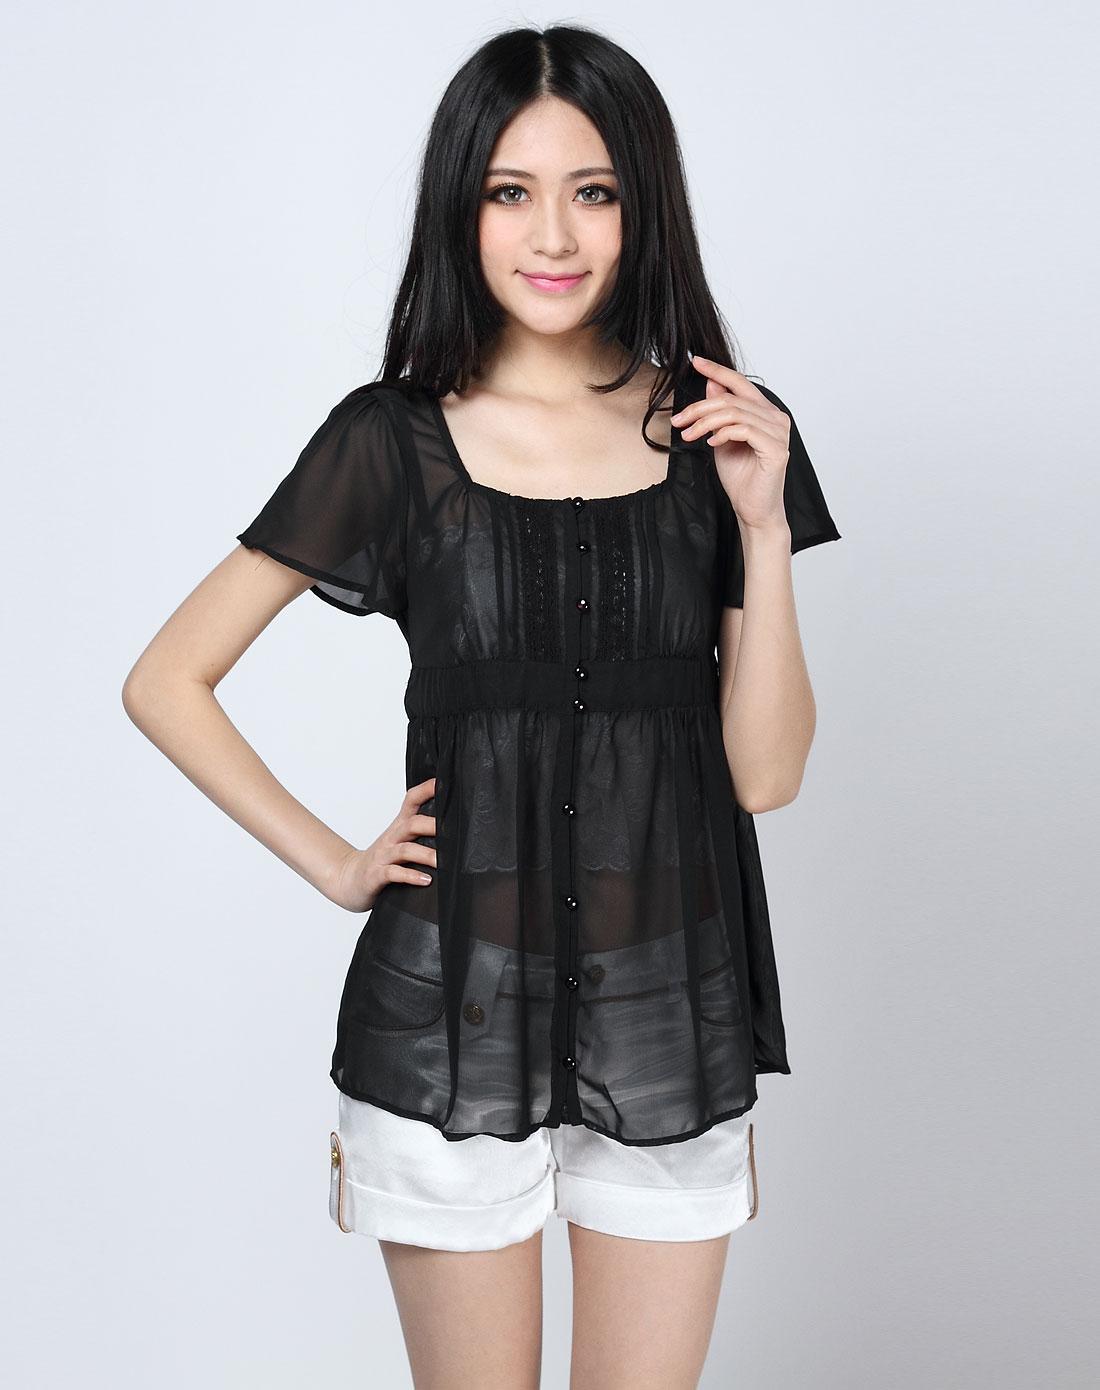 高贵典雅黑色纯色短袖上衣